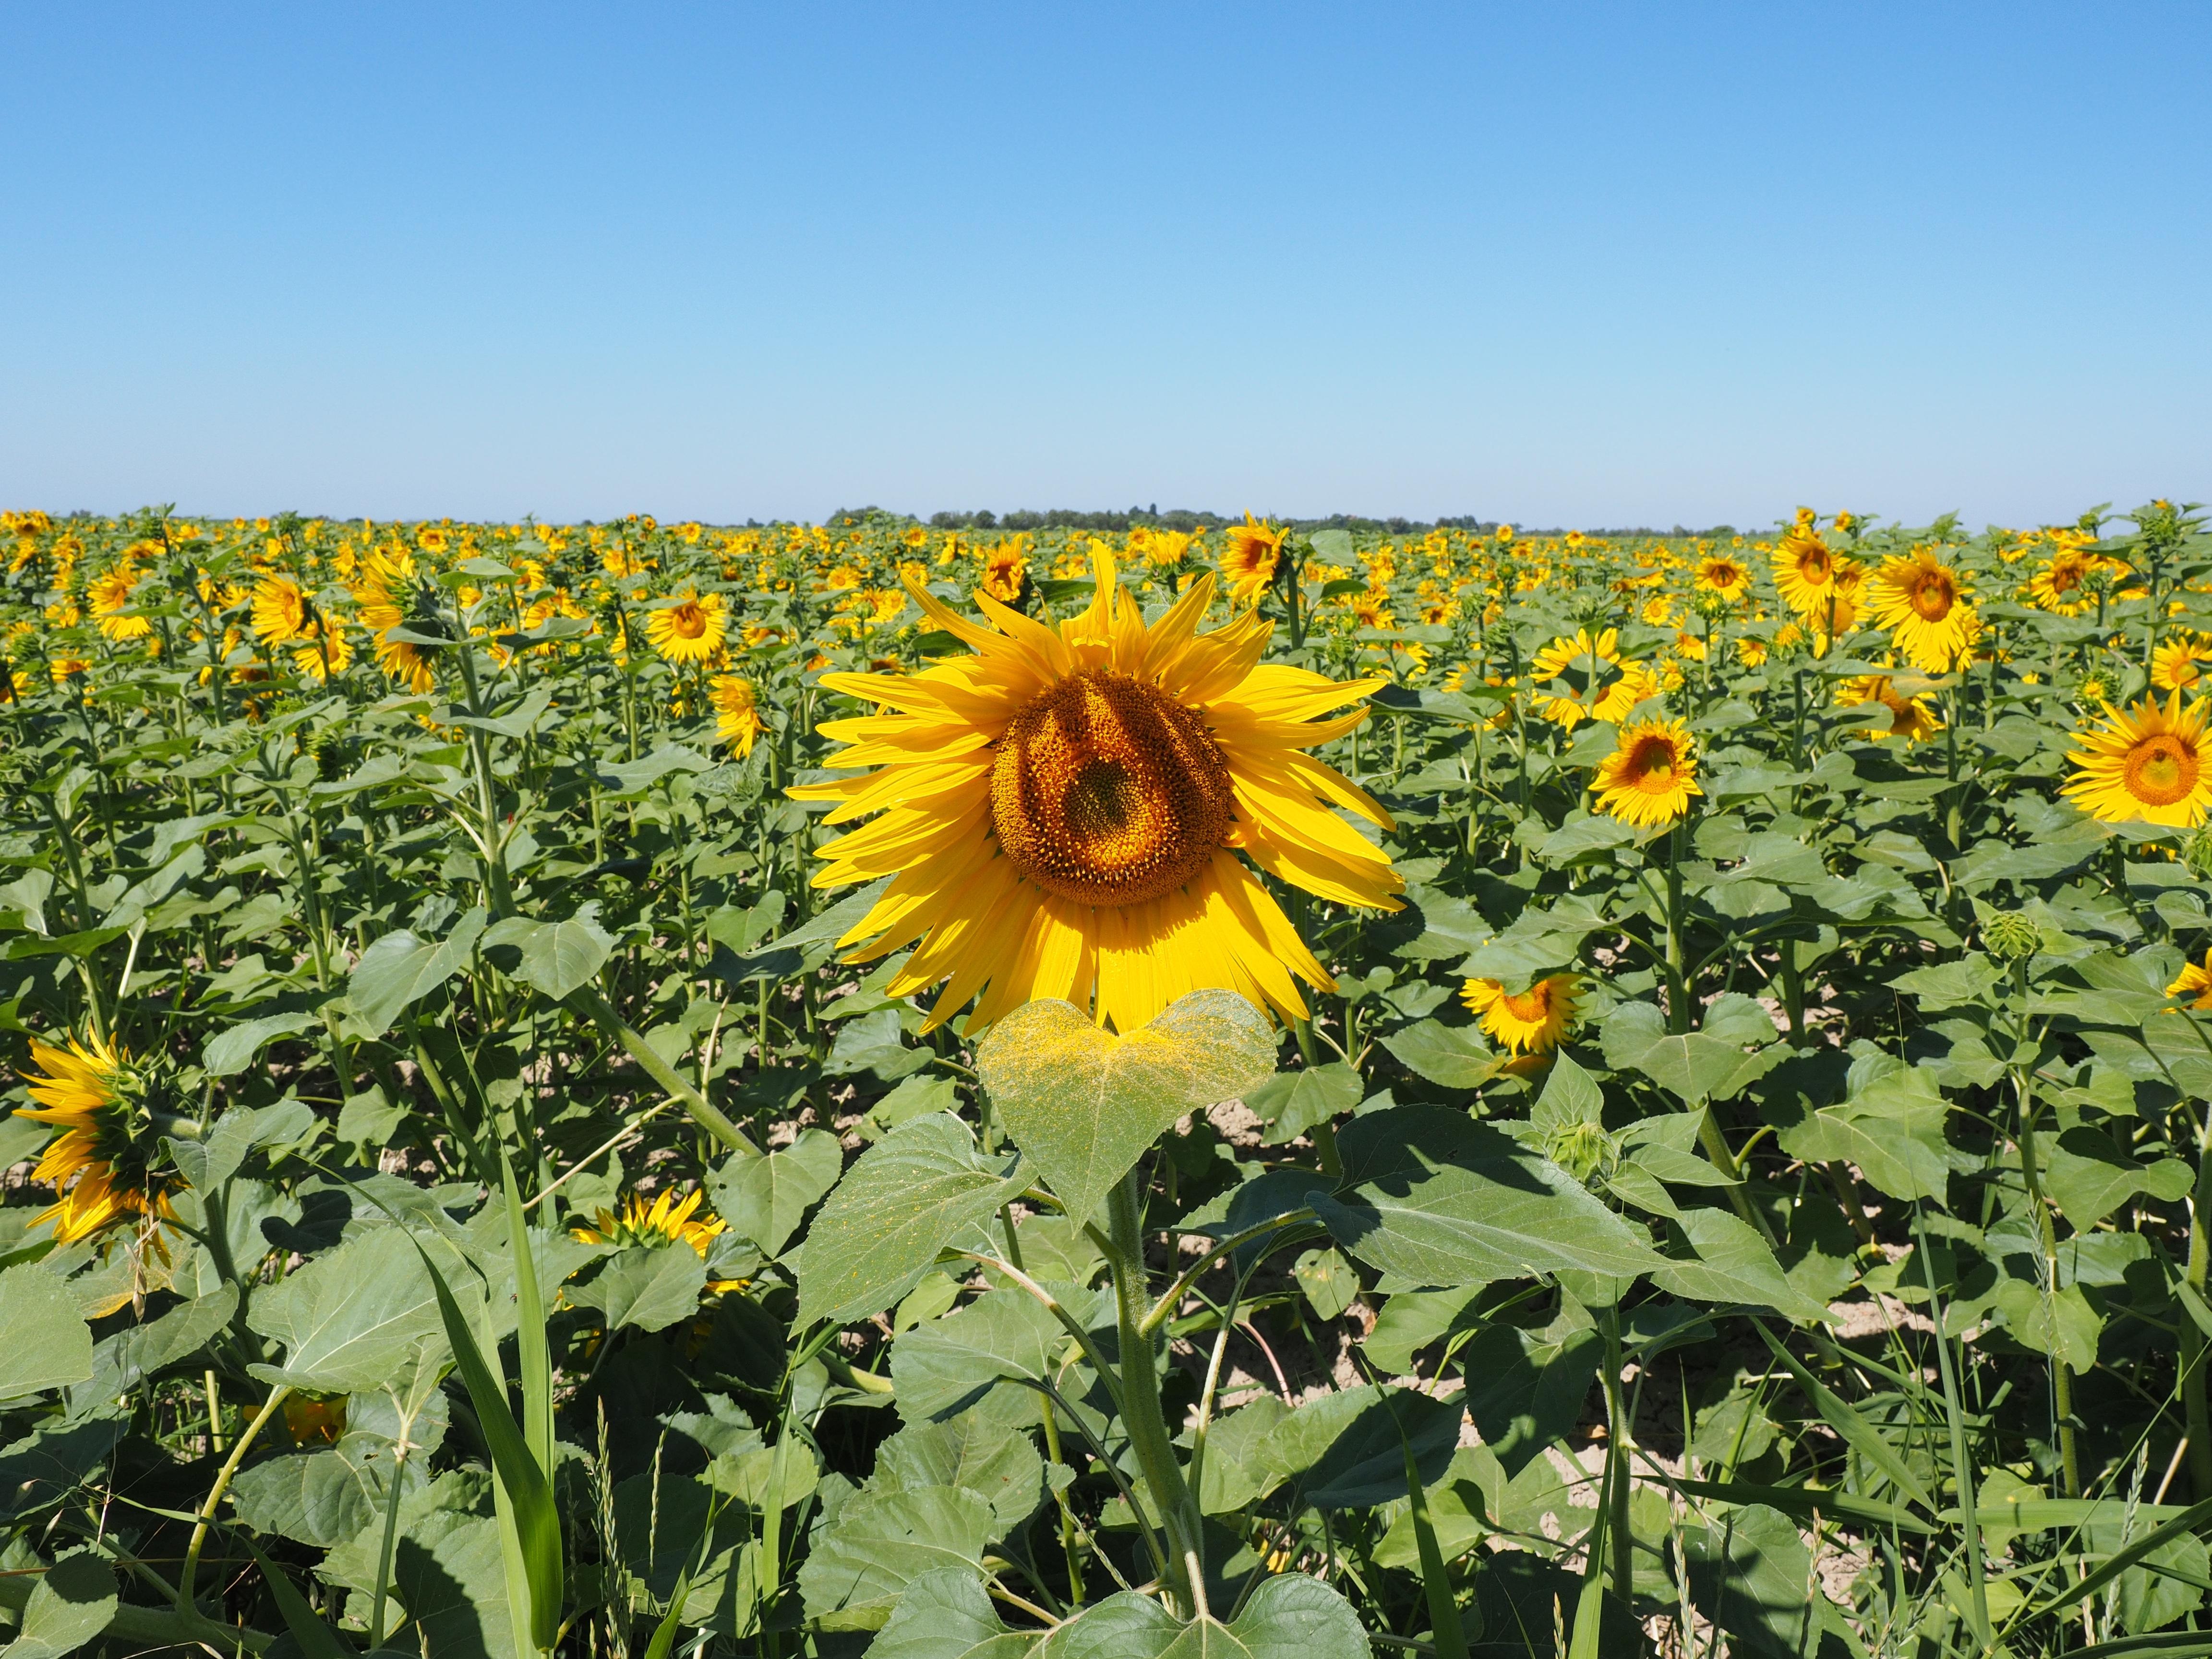 Gambar Alam Mekar Menanam Padang Rumput Menghasilkan Warna Warni Kuning Pertanian Polos Bunga Matahari Bunga Liar Penanaman Cerah Terang Indah Ekosistem Hal Berkembang Bidang Bunga Matahari Tanaman Berbunga Keluarga Daisy Ekonomi